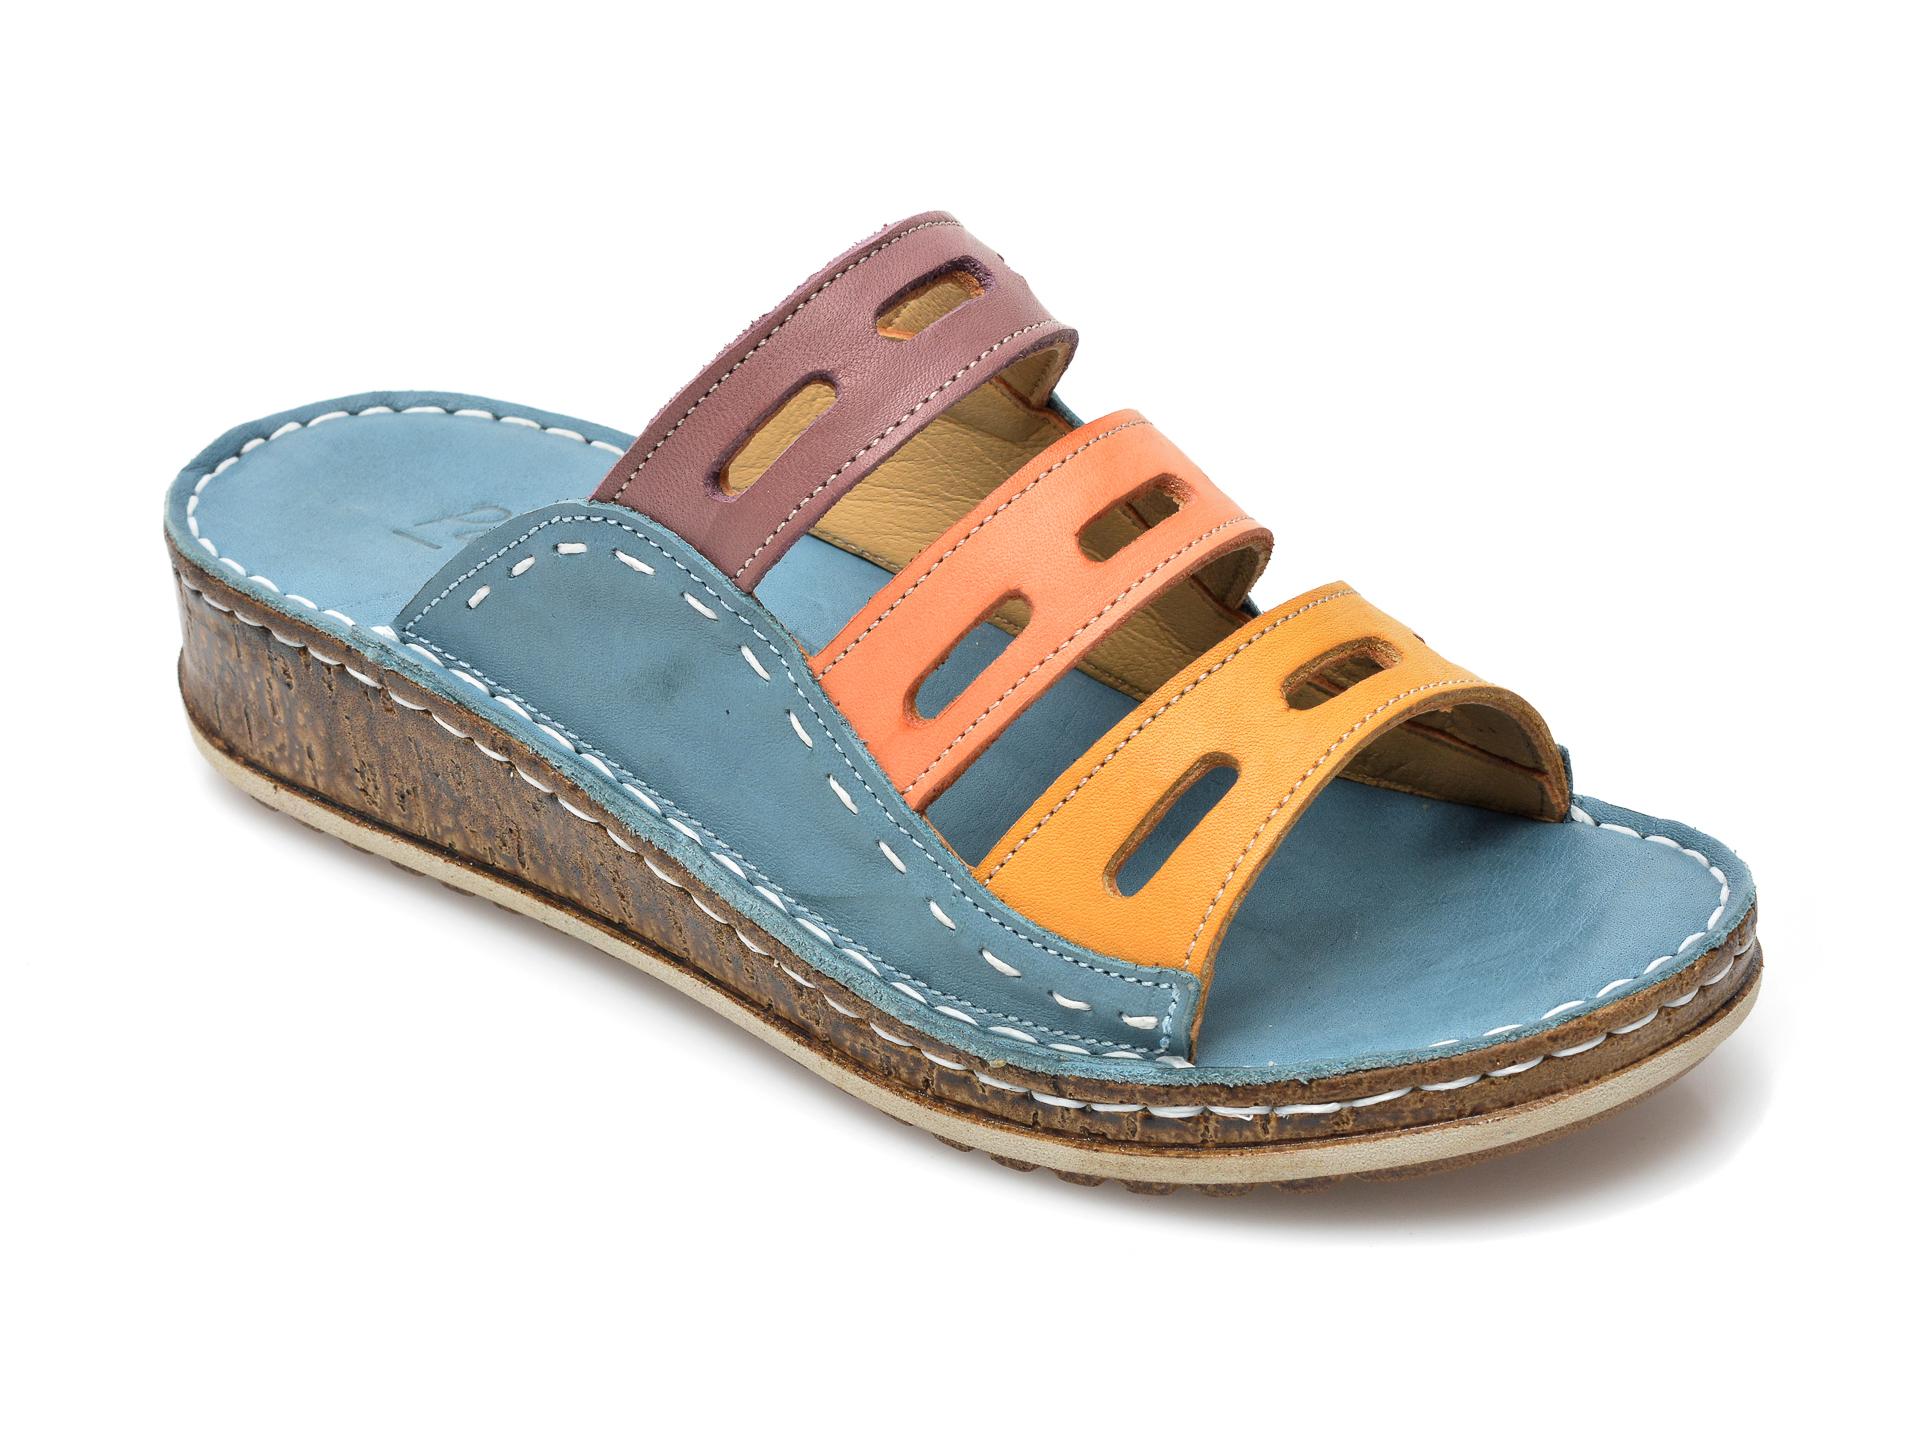 Papuci PAVARELLA albastri, 1347, din piele naturala imagine otter.ro 2021